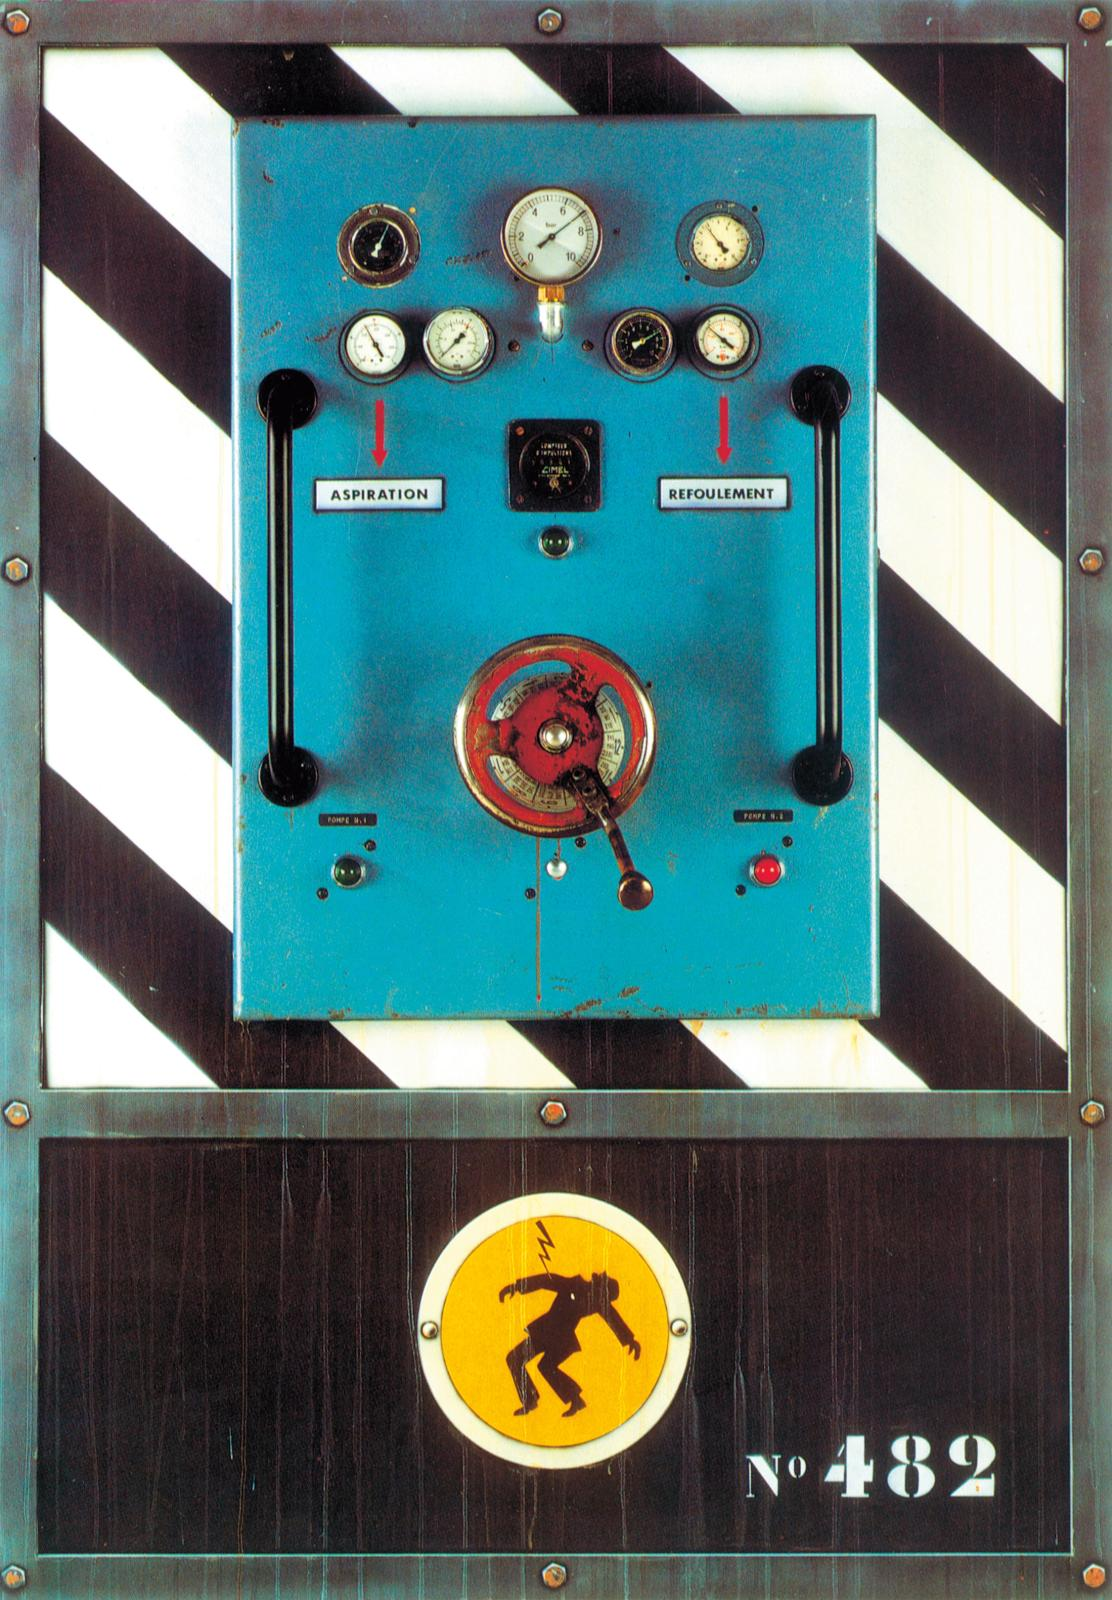 Aspiration / Refoulement, 1989, technique mixte, 162x114cm.